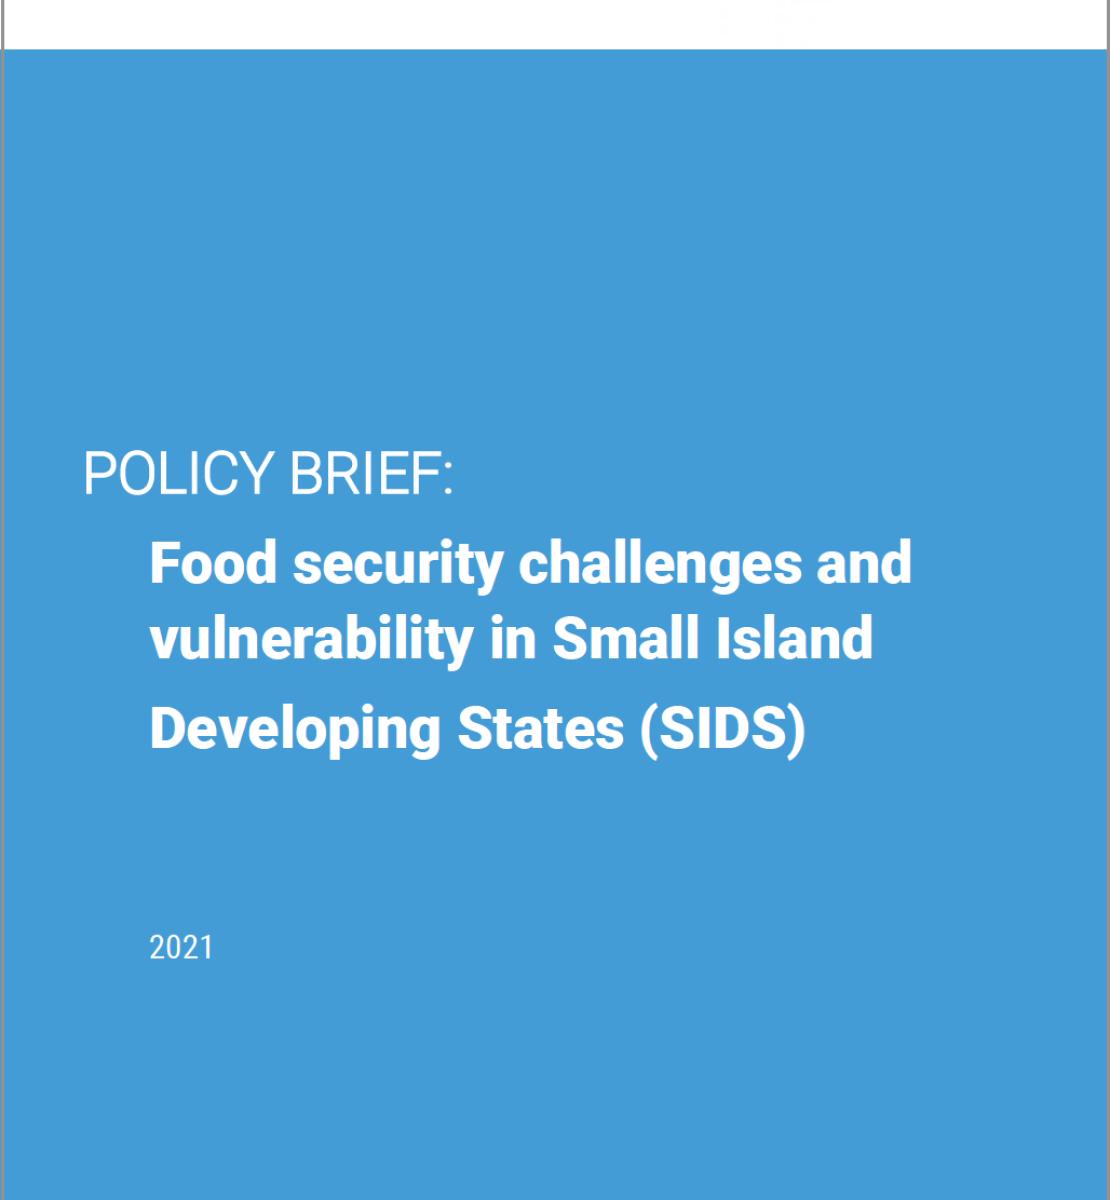 العنوان باللون الأبيض على خلفية زرقاء مع شعار الأمم المتحدة وسجل المؤلف المشارك في الجزء العلوي فوق شريط أفقي أبيض.